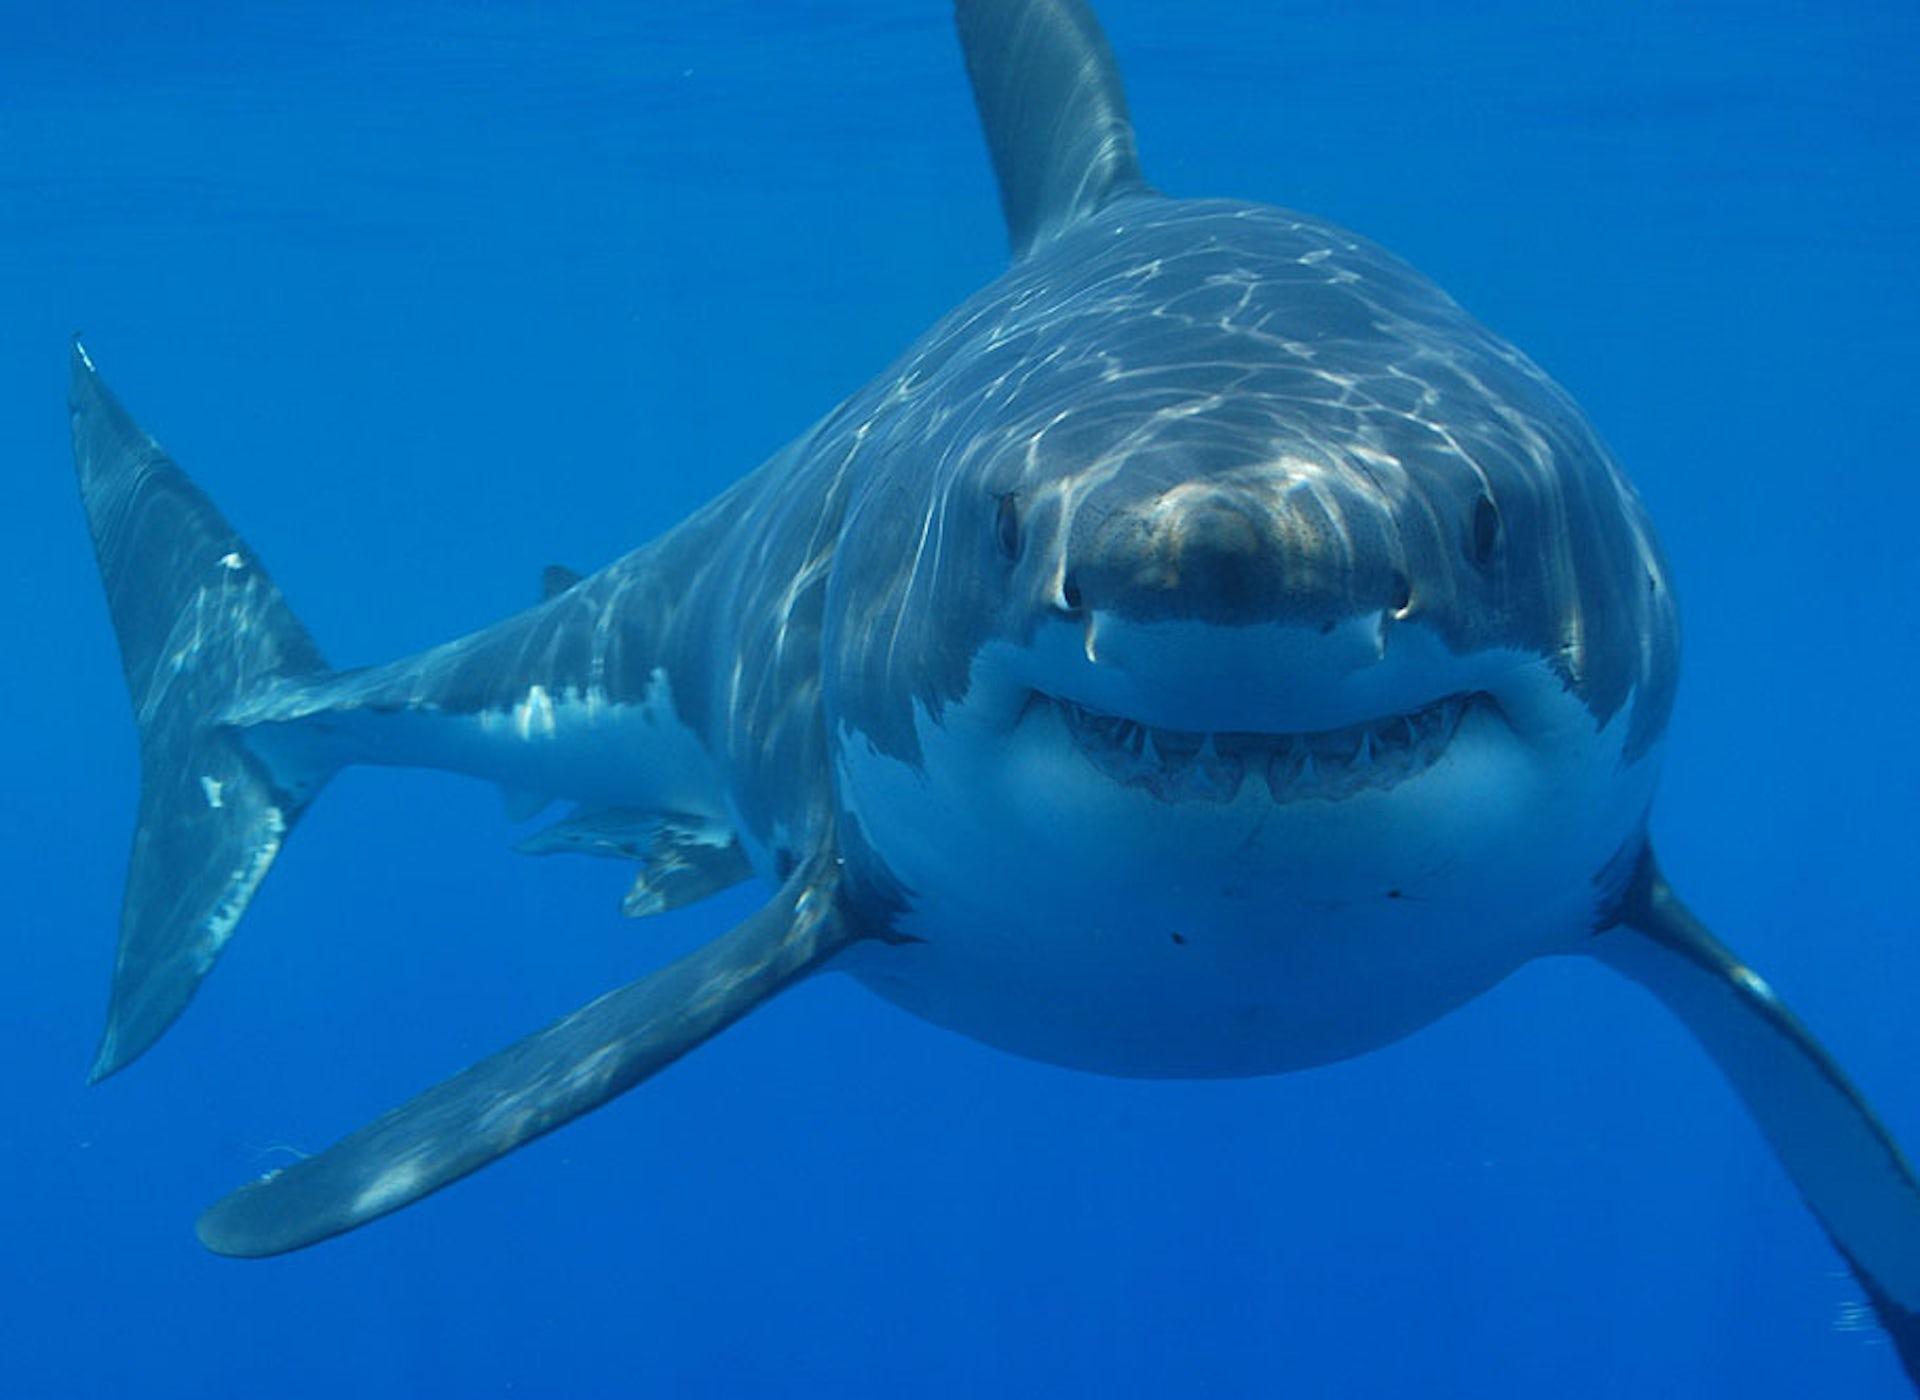 shark culling persuasive essay